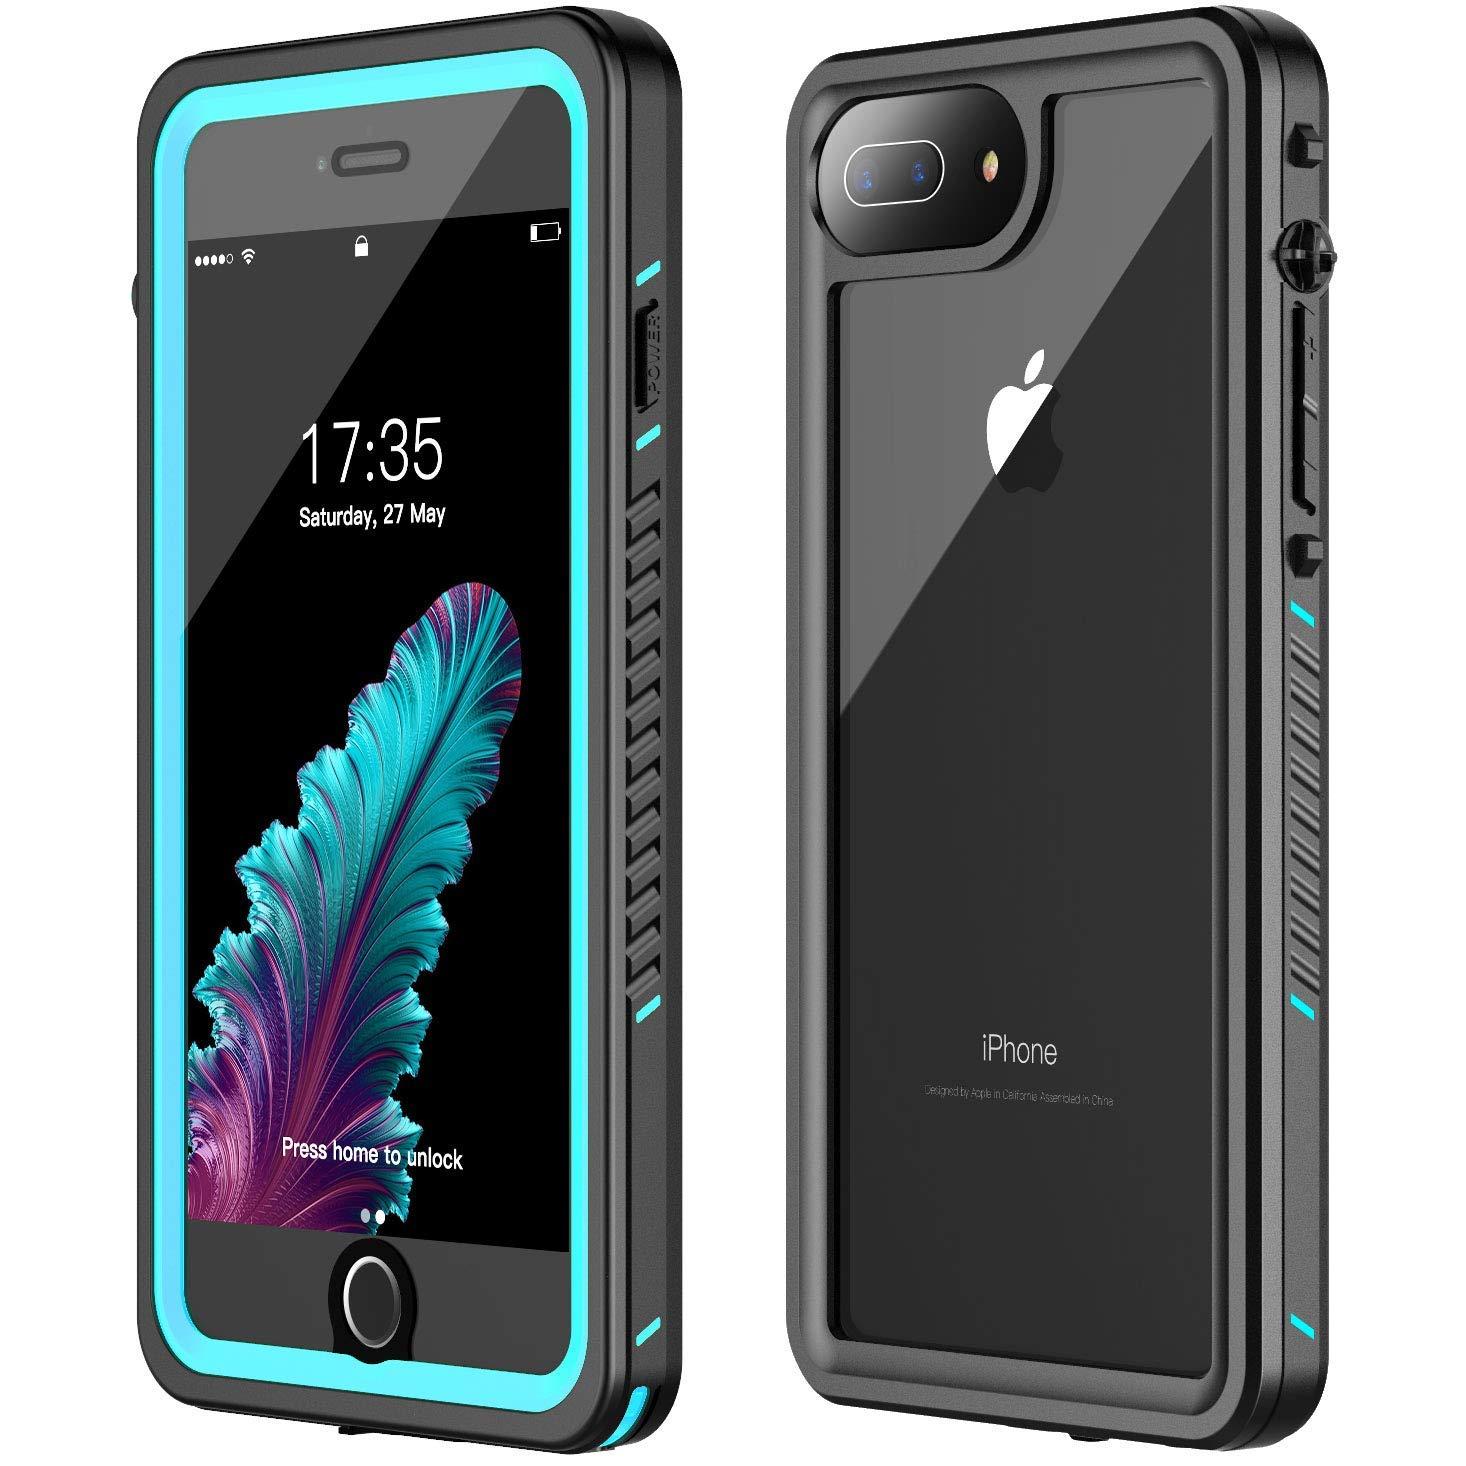 newest 683f6 0787f iPhone 7 Plus Waterproof Case,iPhone 8 Plus Waterproof Case. GOLDJU 2019  Full Body Protective IP68 Underwater Shockproof Dirtproof Sandproof ...